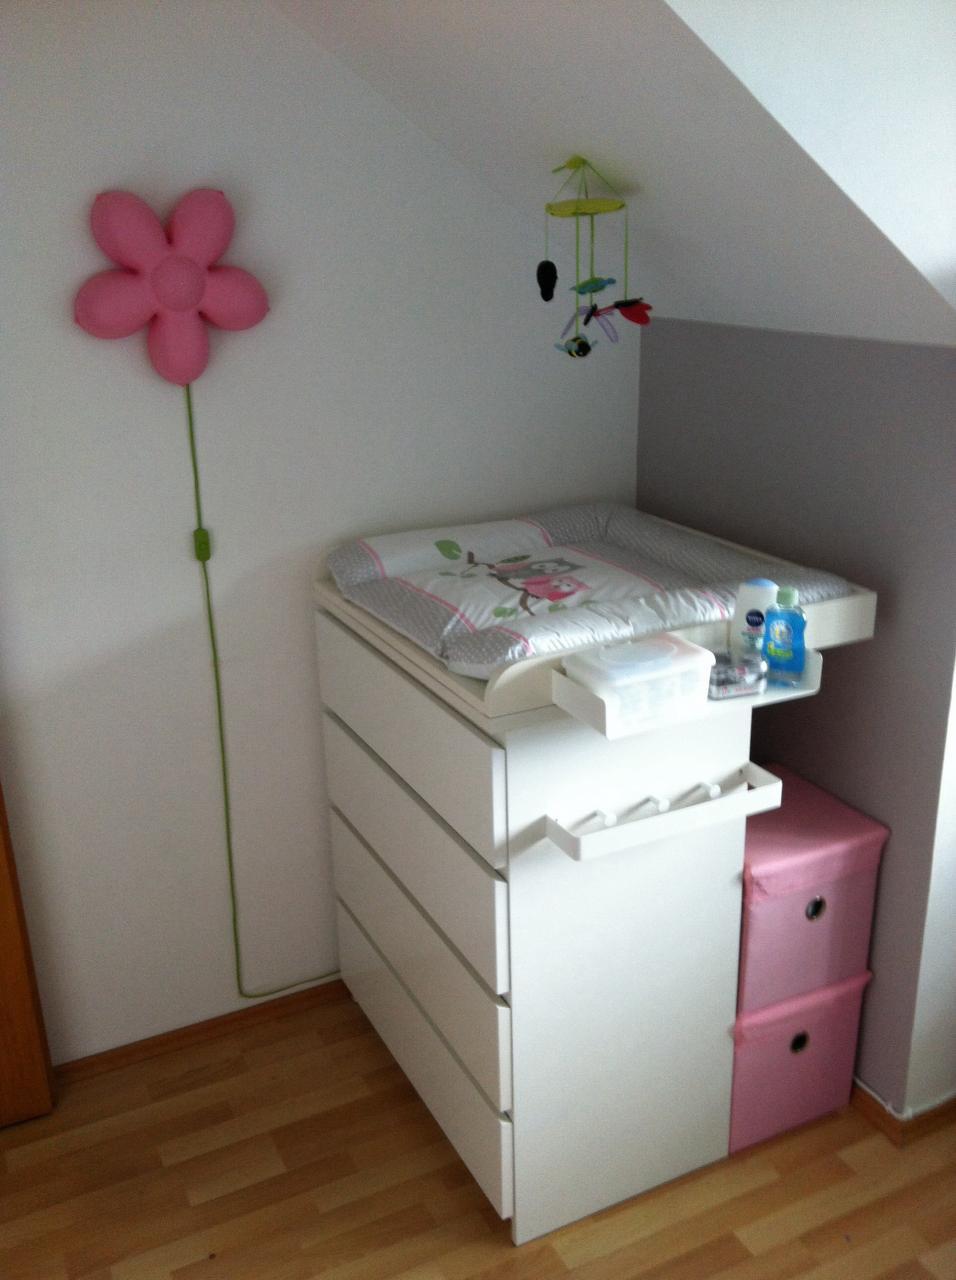 Kommode ikea malm birke  Ikea Malm Kommode Birke